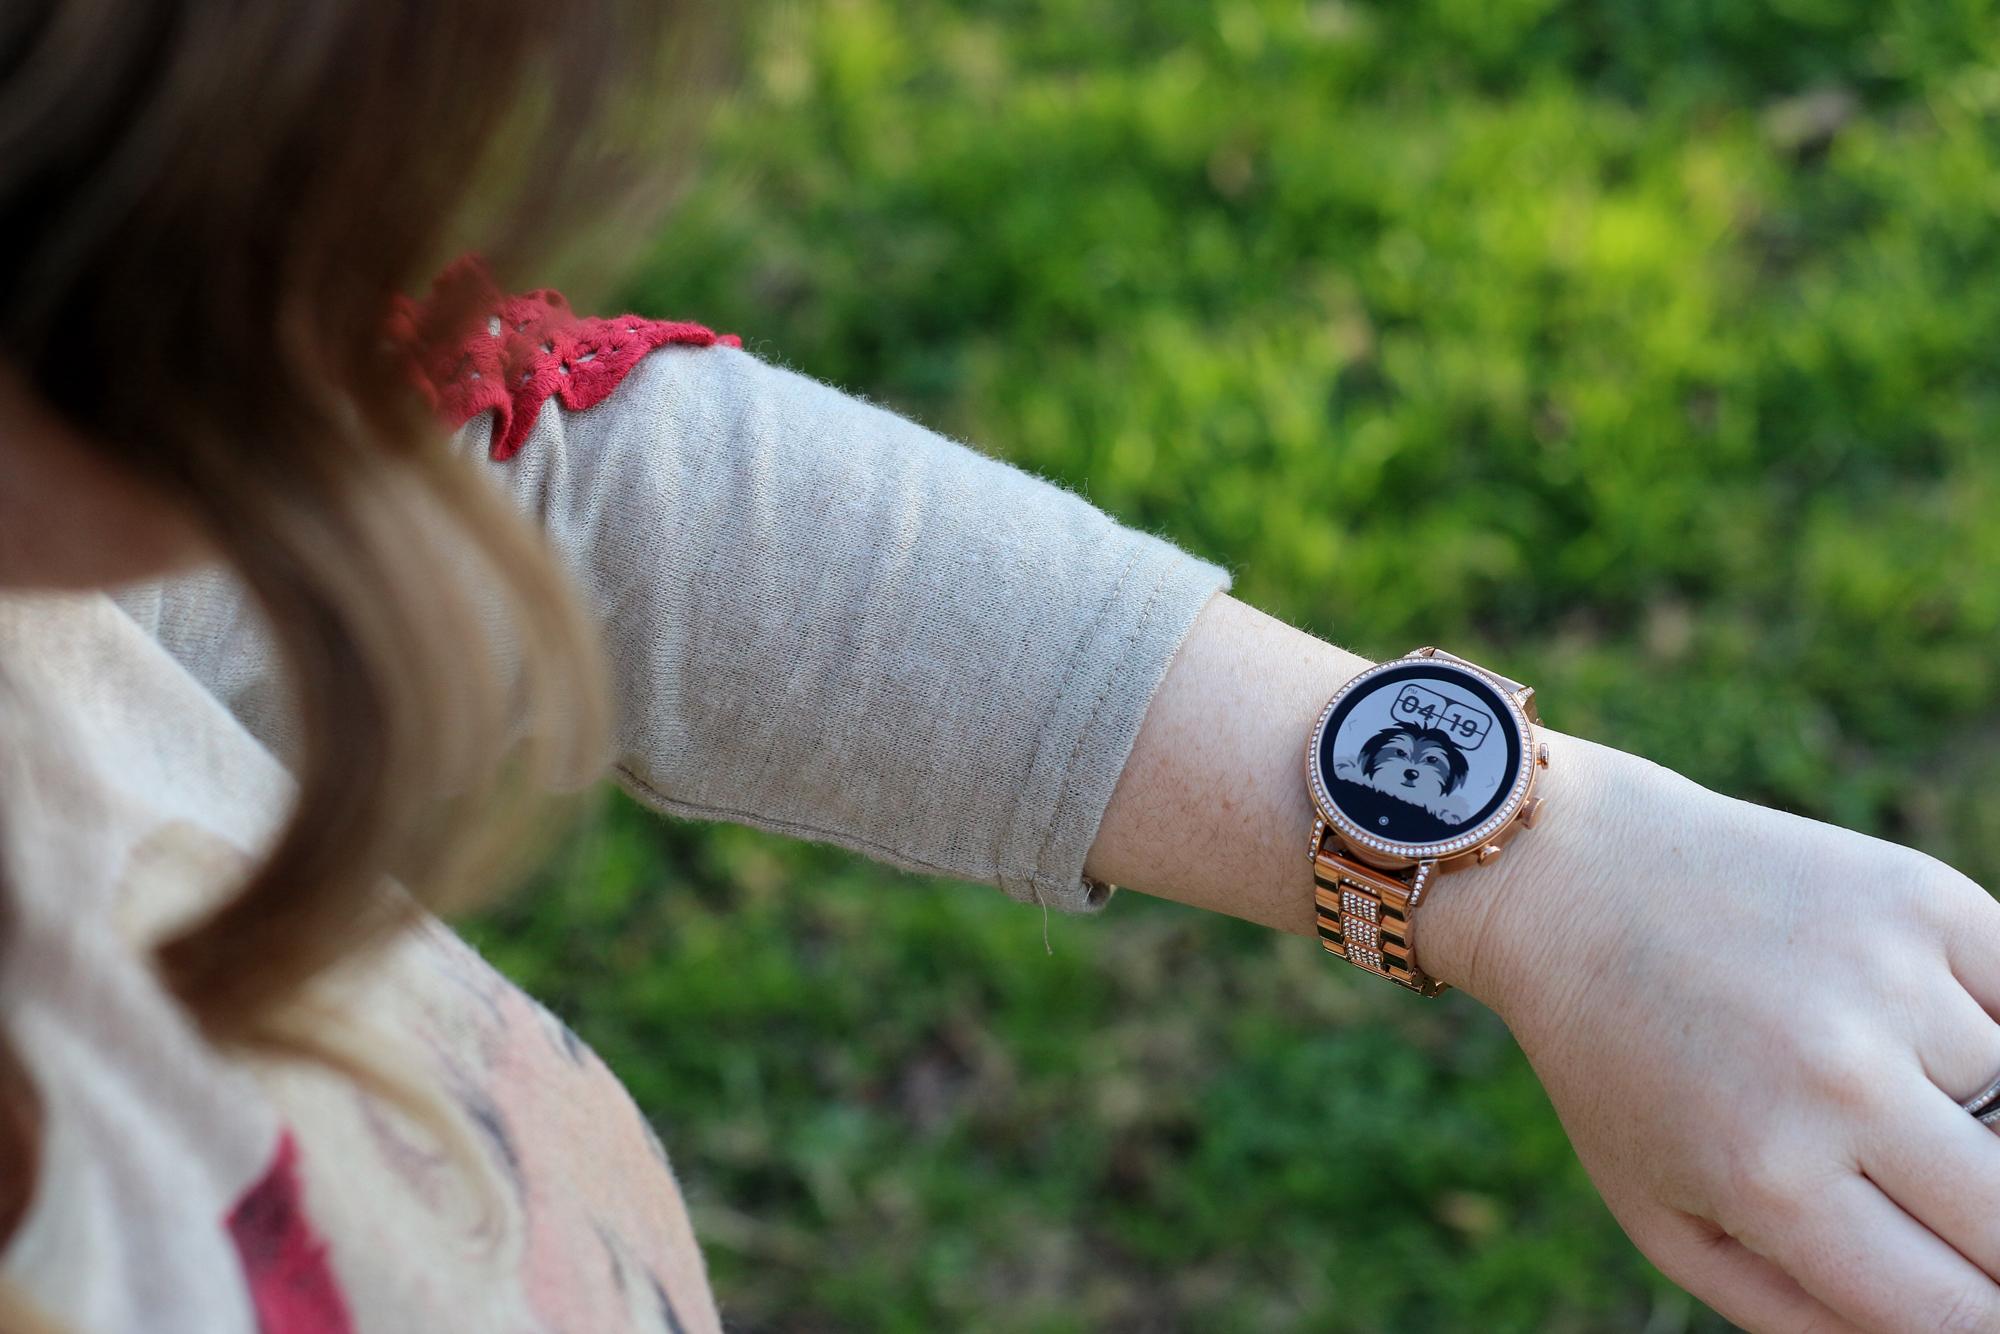 Dwan wearing Fossil Gen 4 Venture HR Smartwatch